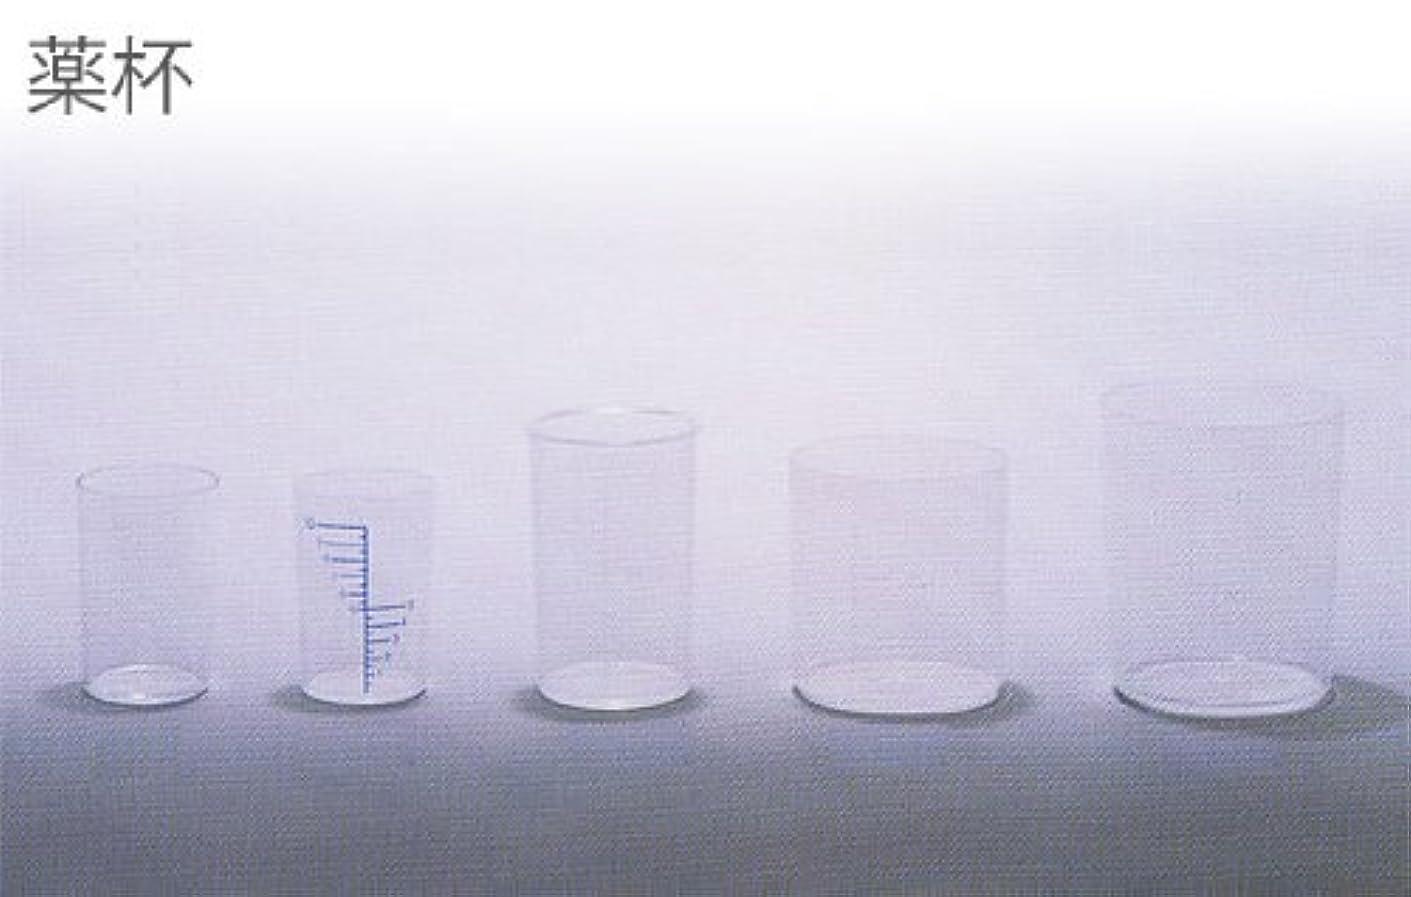 コカイン郵便物孤独な薬杯2号(20cc)青目盛